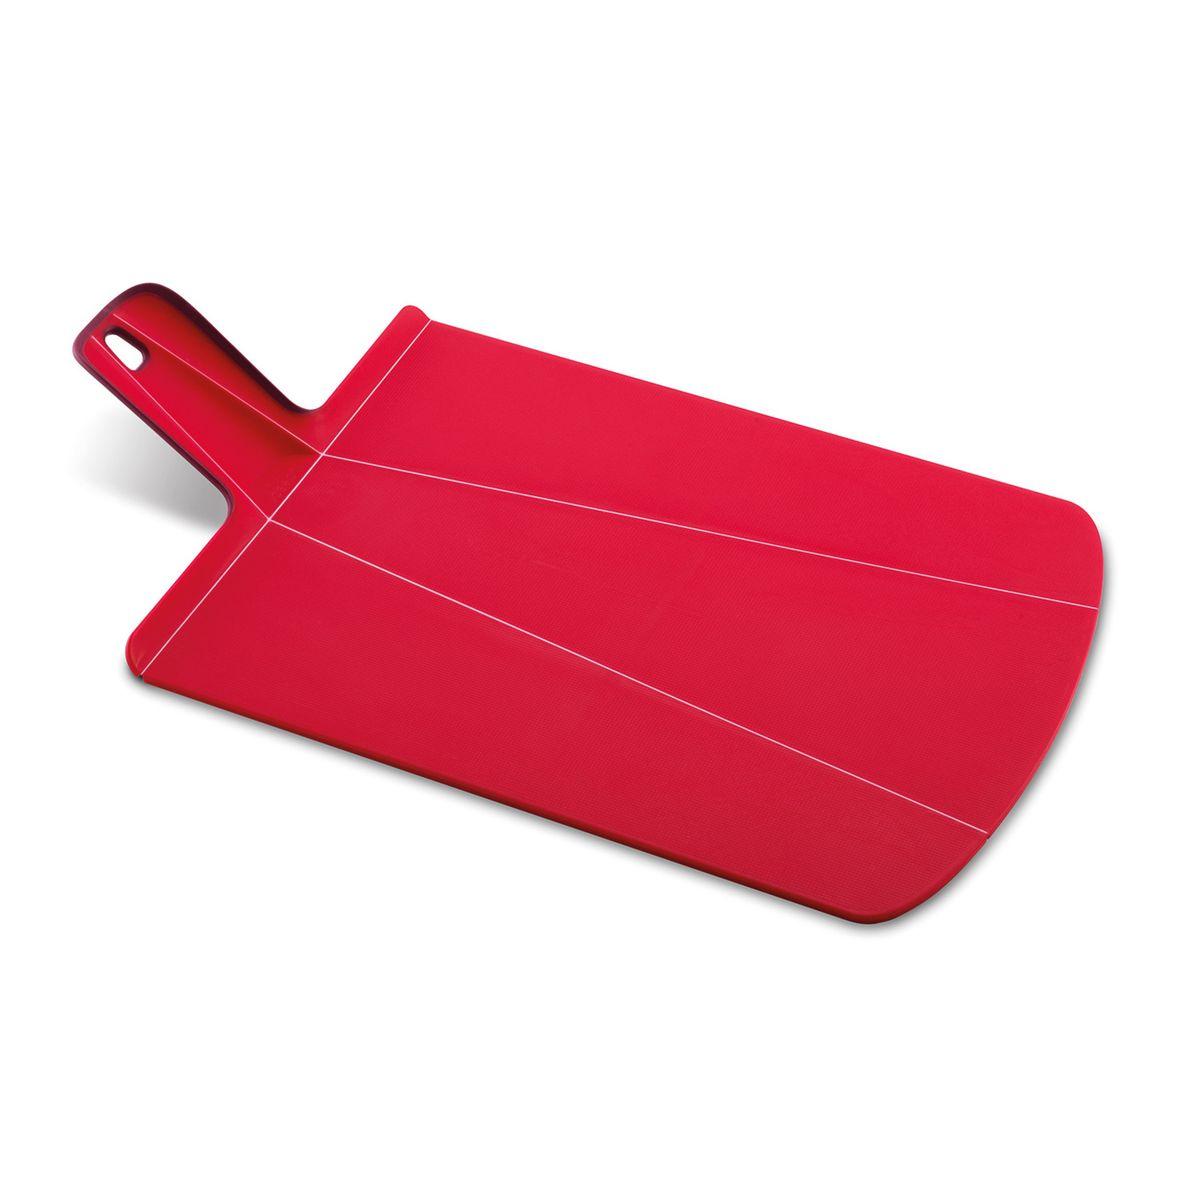 Planche pliable Chop2pot grand modèle rouge - Joseph Joseph